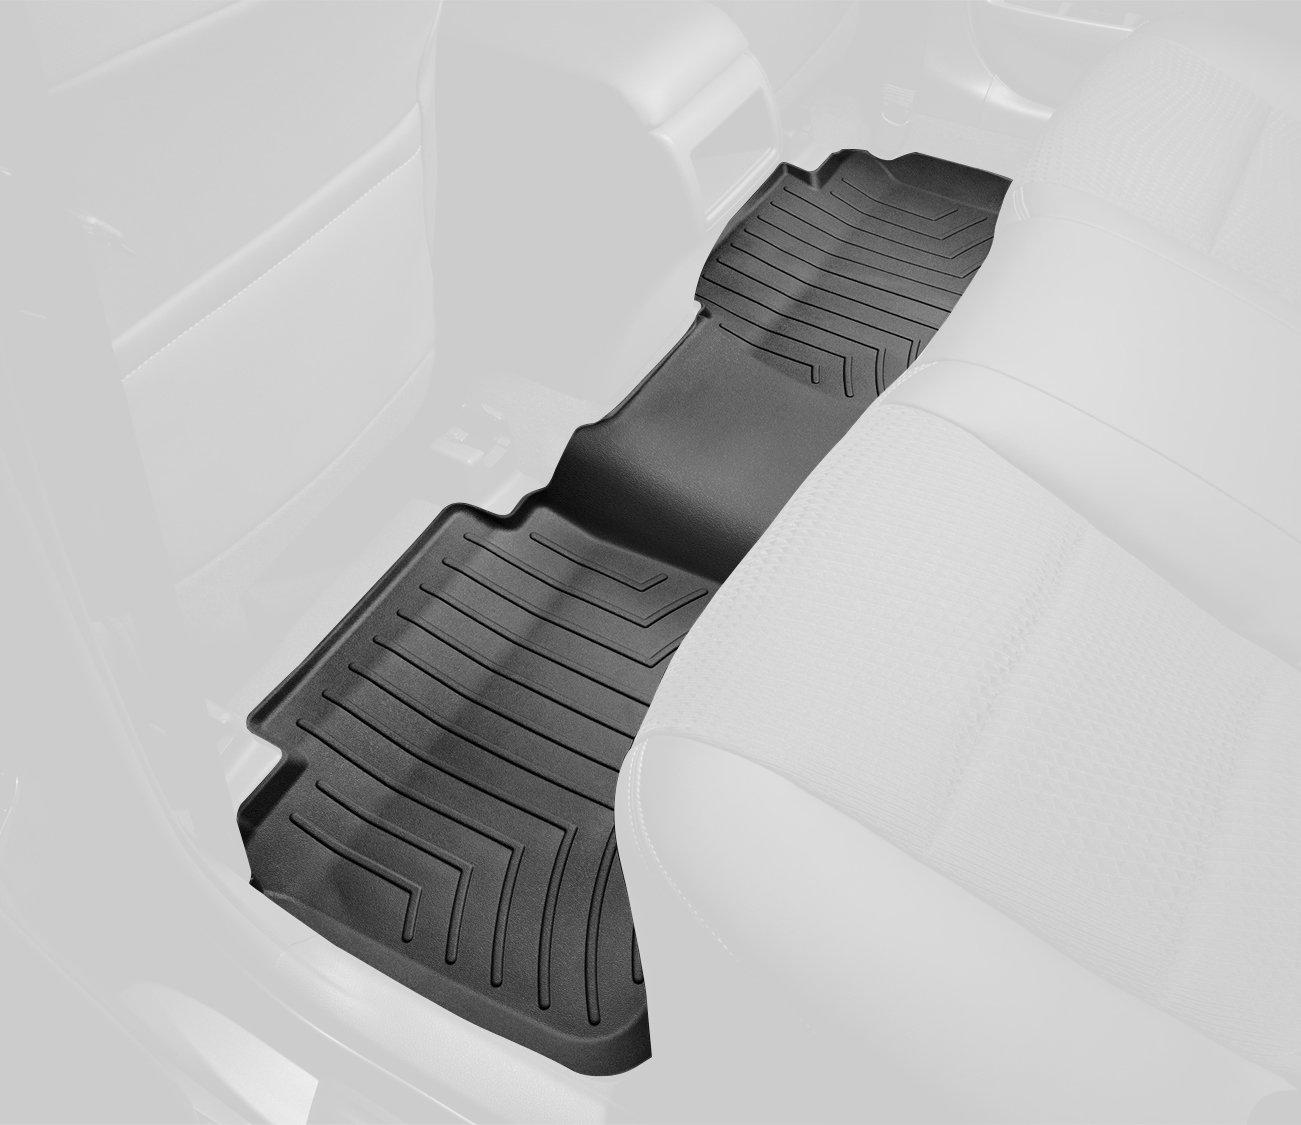 WeatherTech Custom Fit Rear FloorLiner for Mitsubishi Outlander (Black) 441622